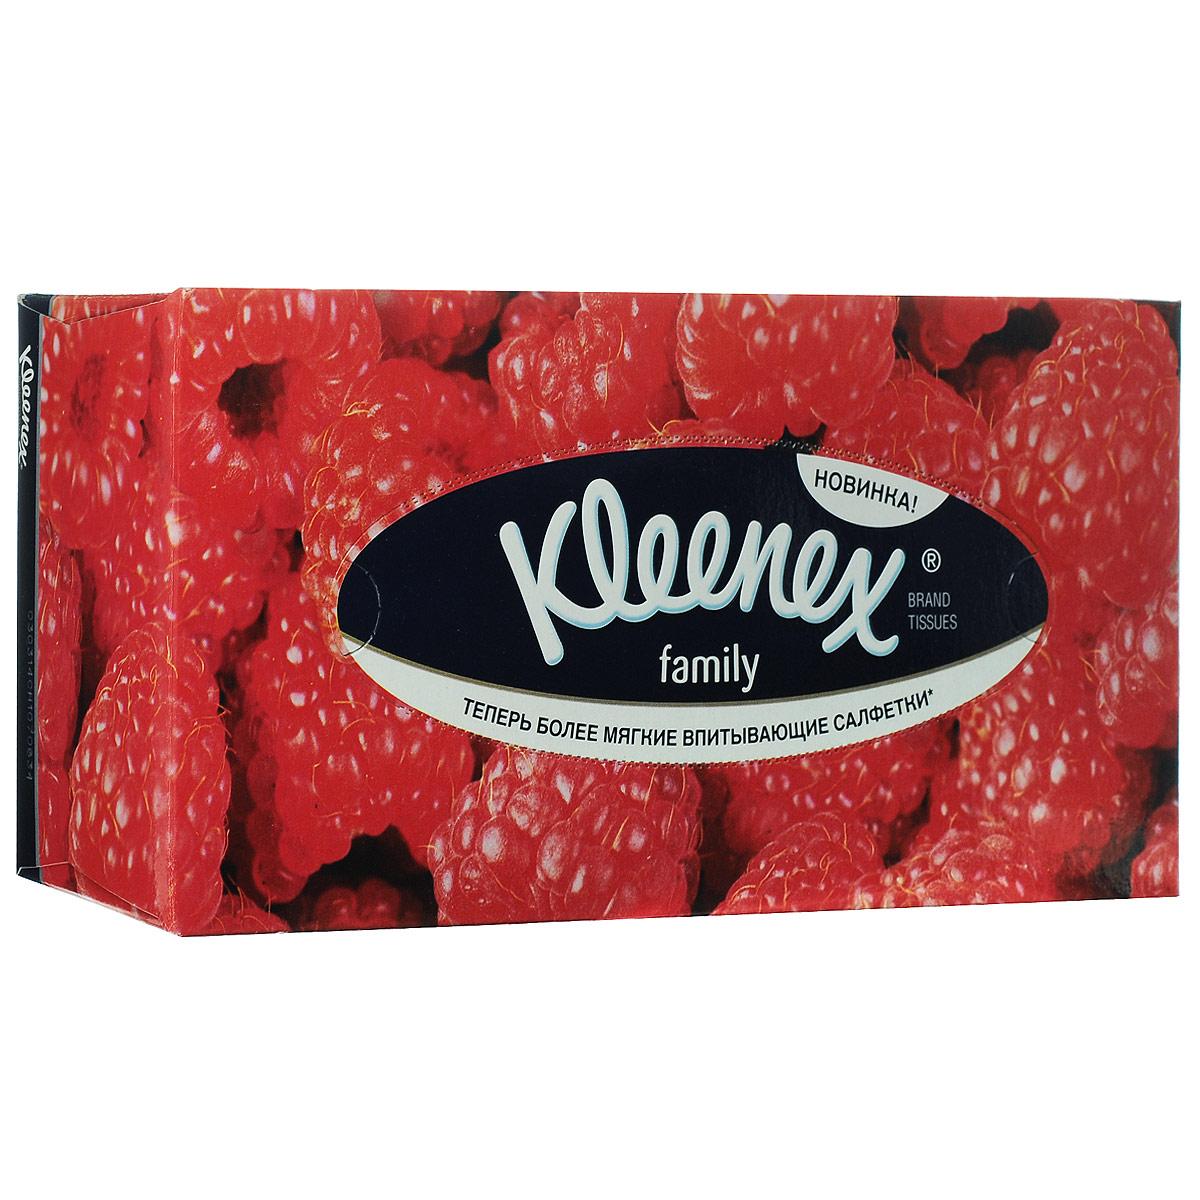 Салфетки универсальные Kleenex Family, двухслойные, 21,6 см х 21,6 см, 150 шт. 94804059480405